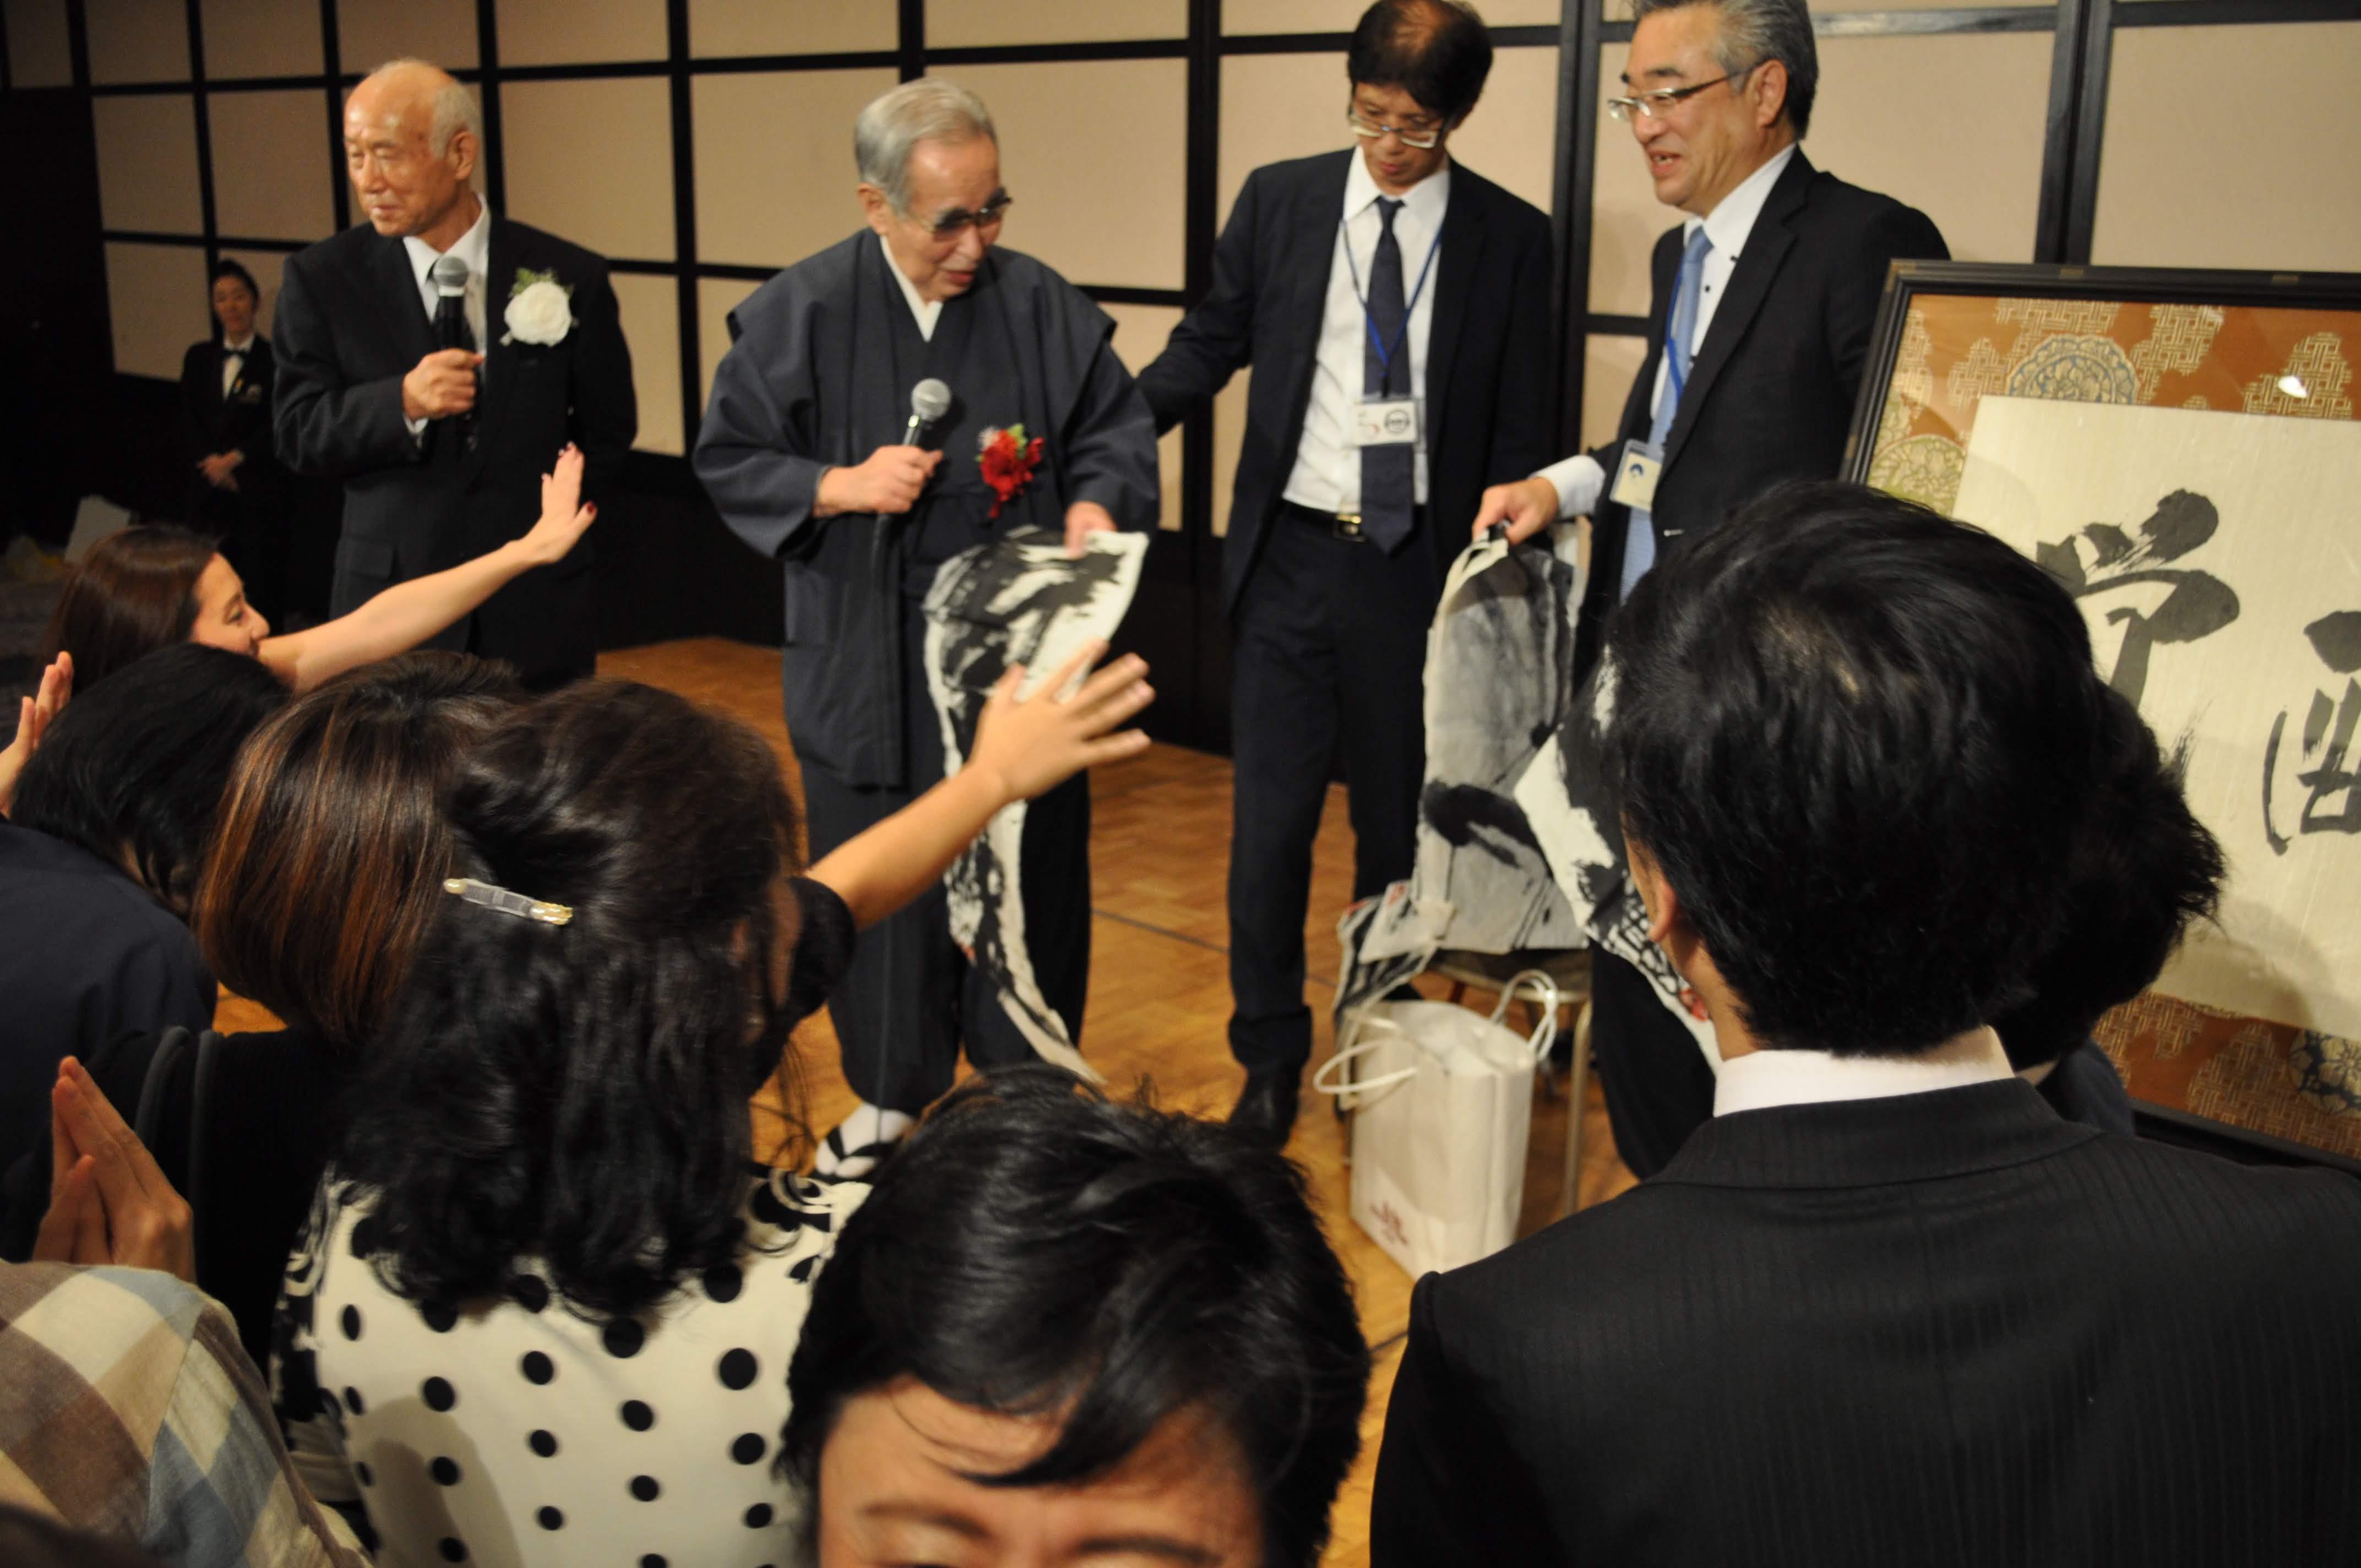 DSC 0571 1 - 思風会全国大会in広島